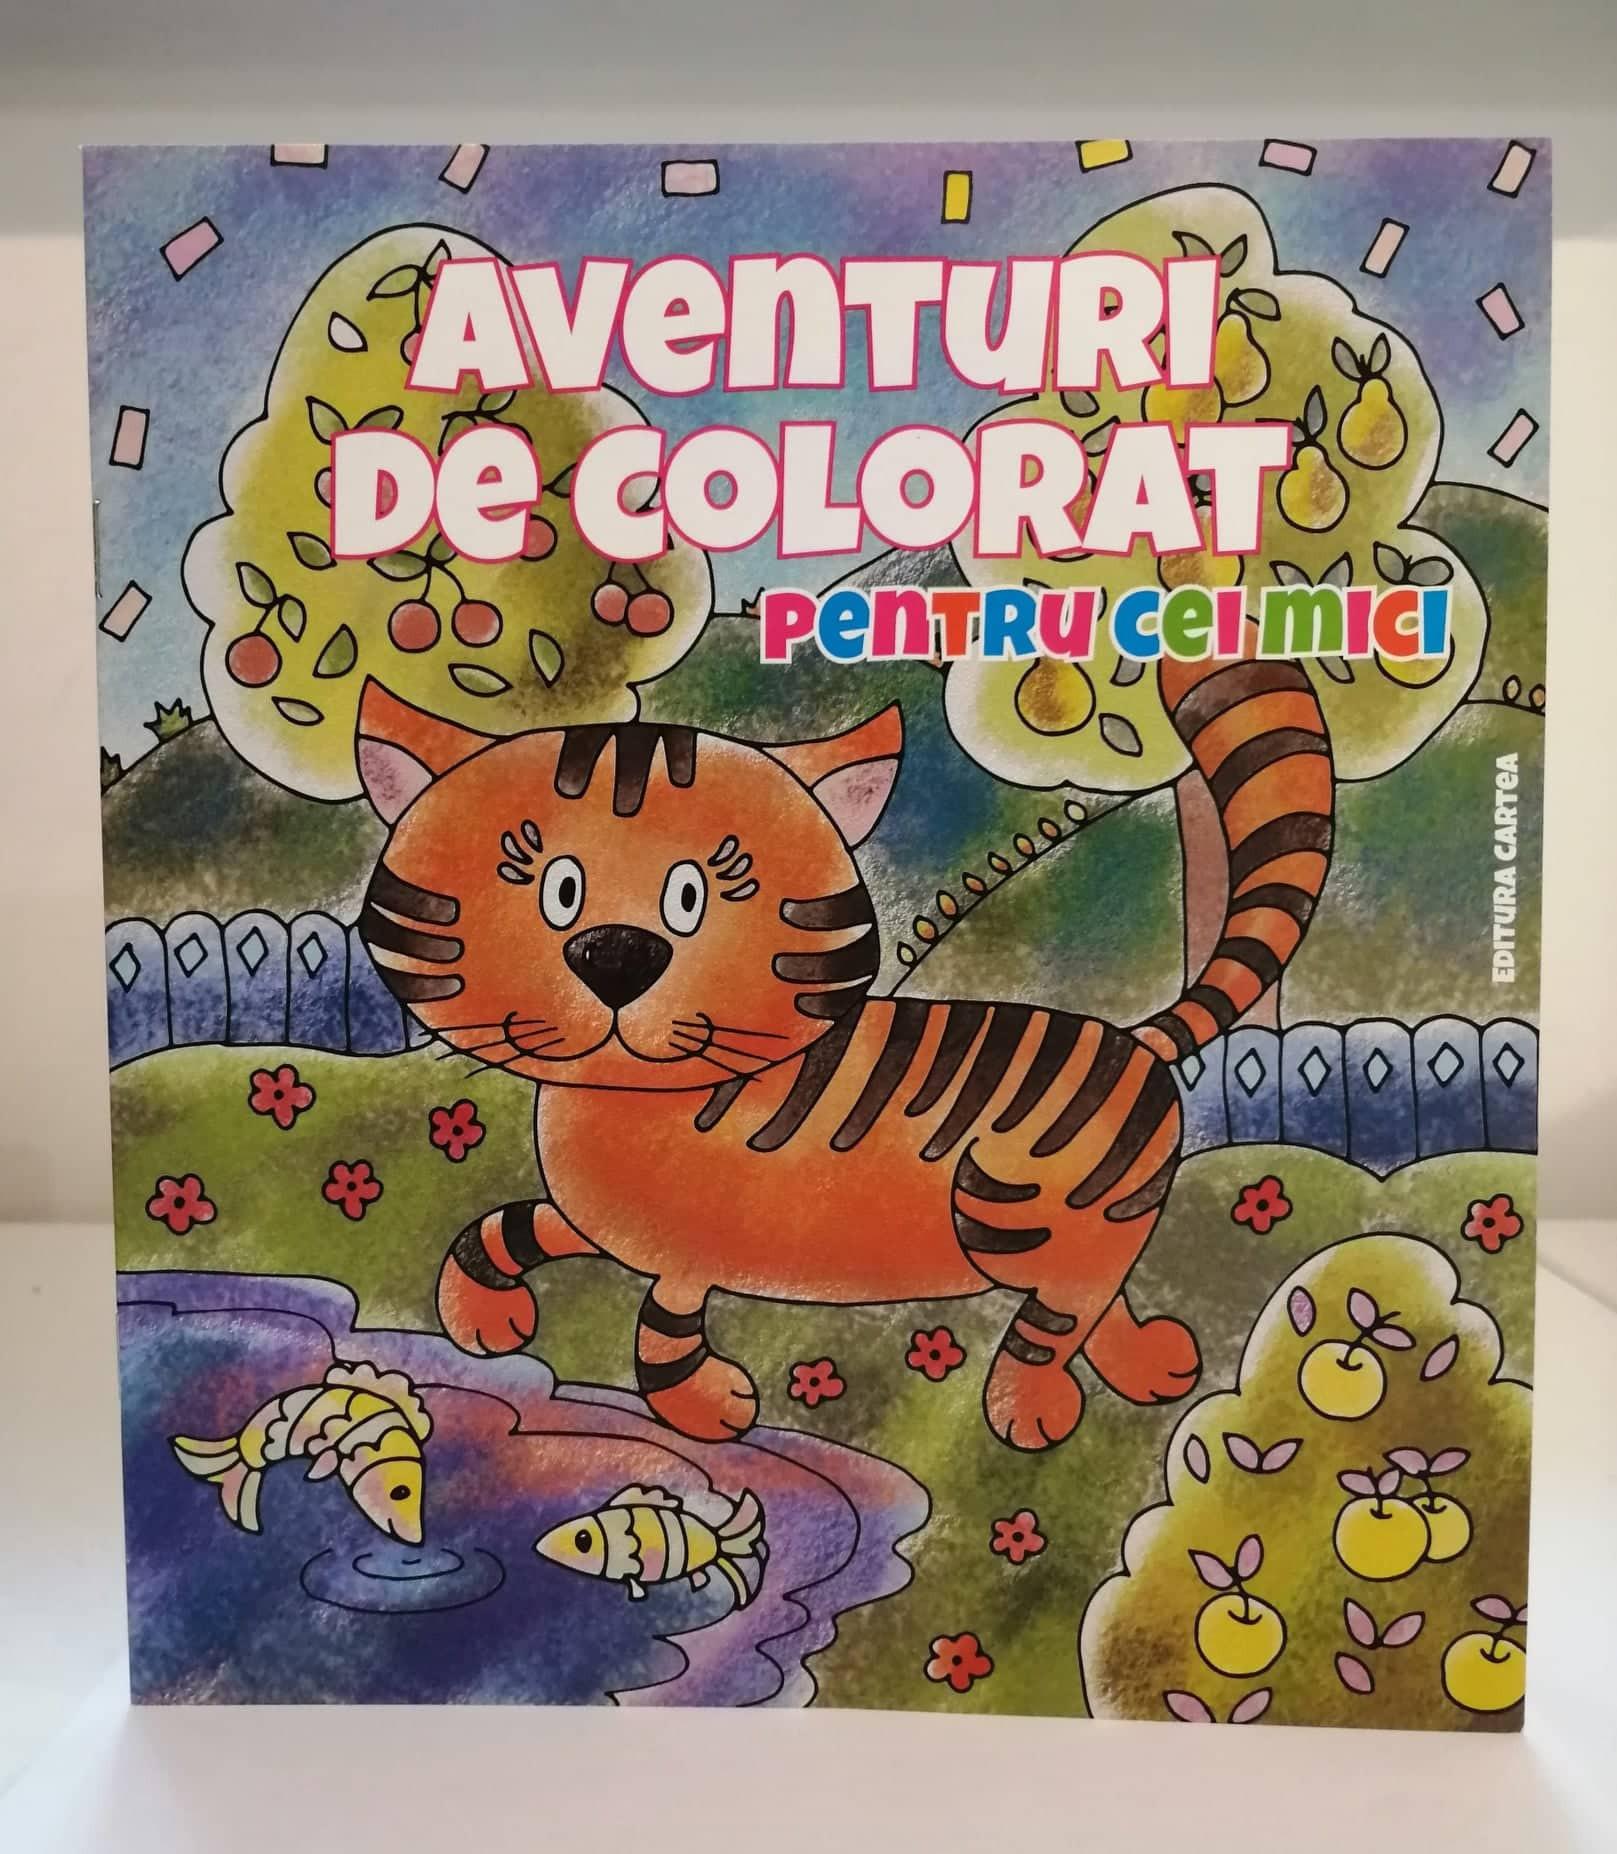 Aventuri de colorat pentru cei mici